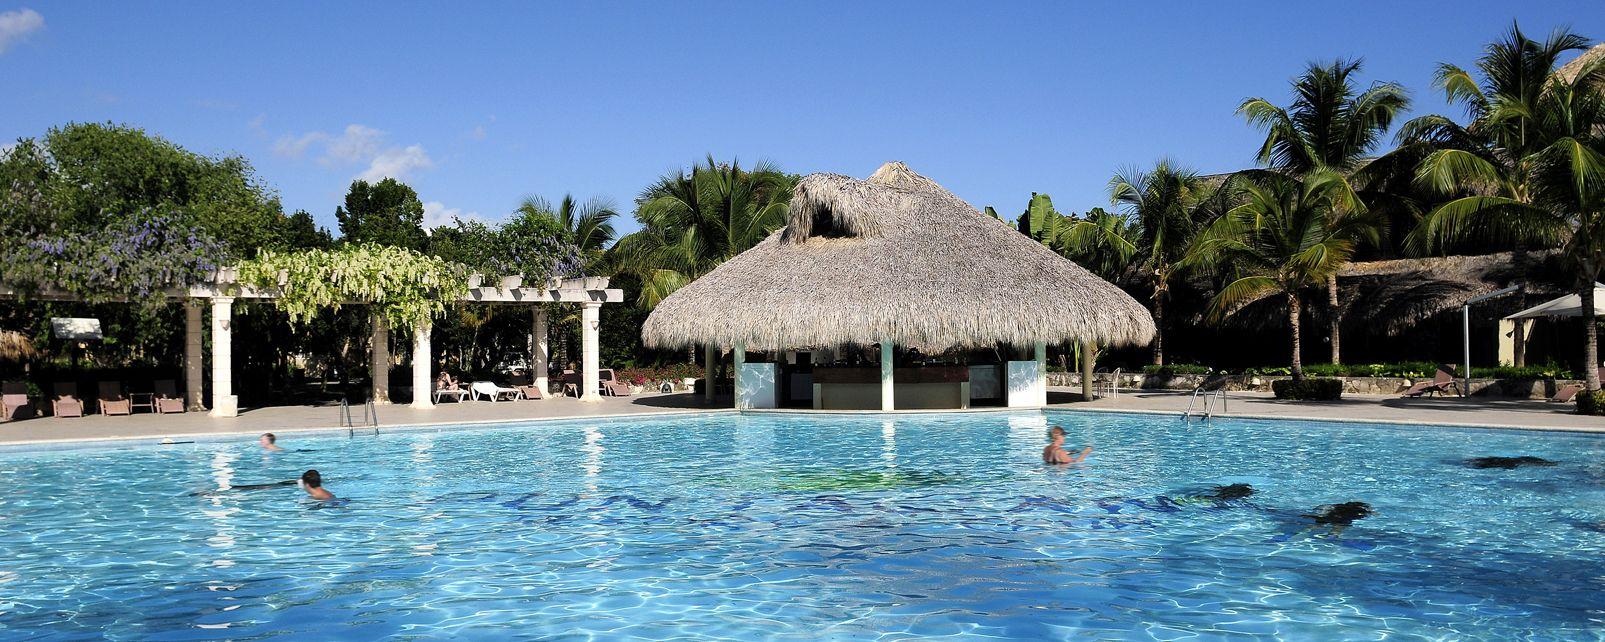 Hôtel Punta Cana Hotel